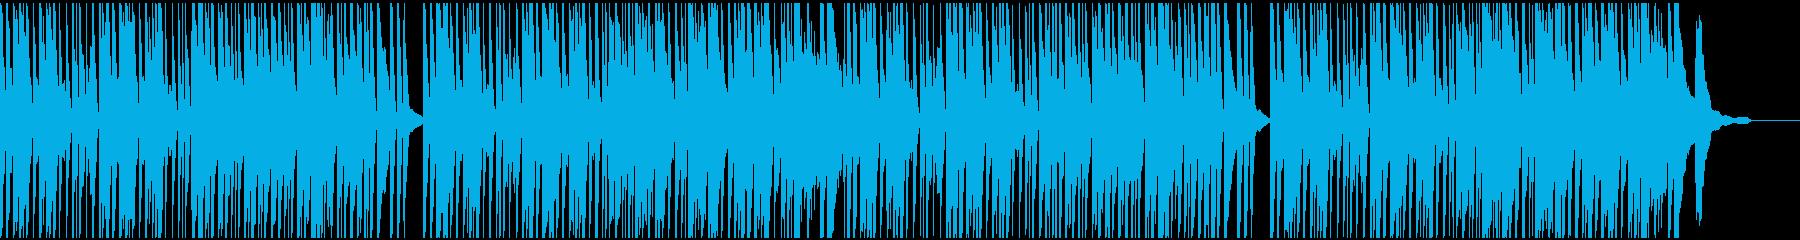 料理動画をイメージしたピアノ曲の再生済みの波形